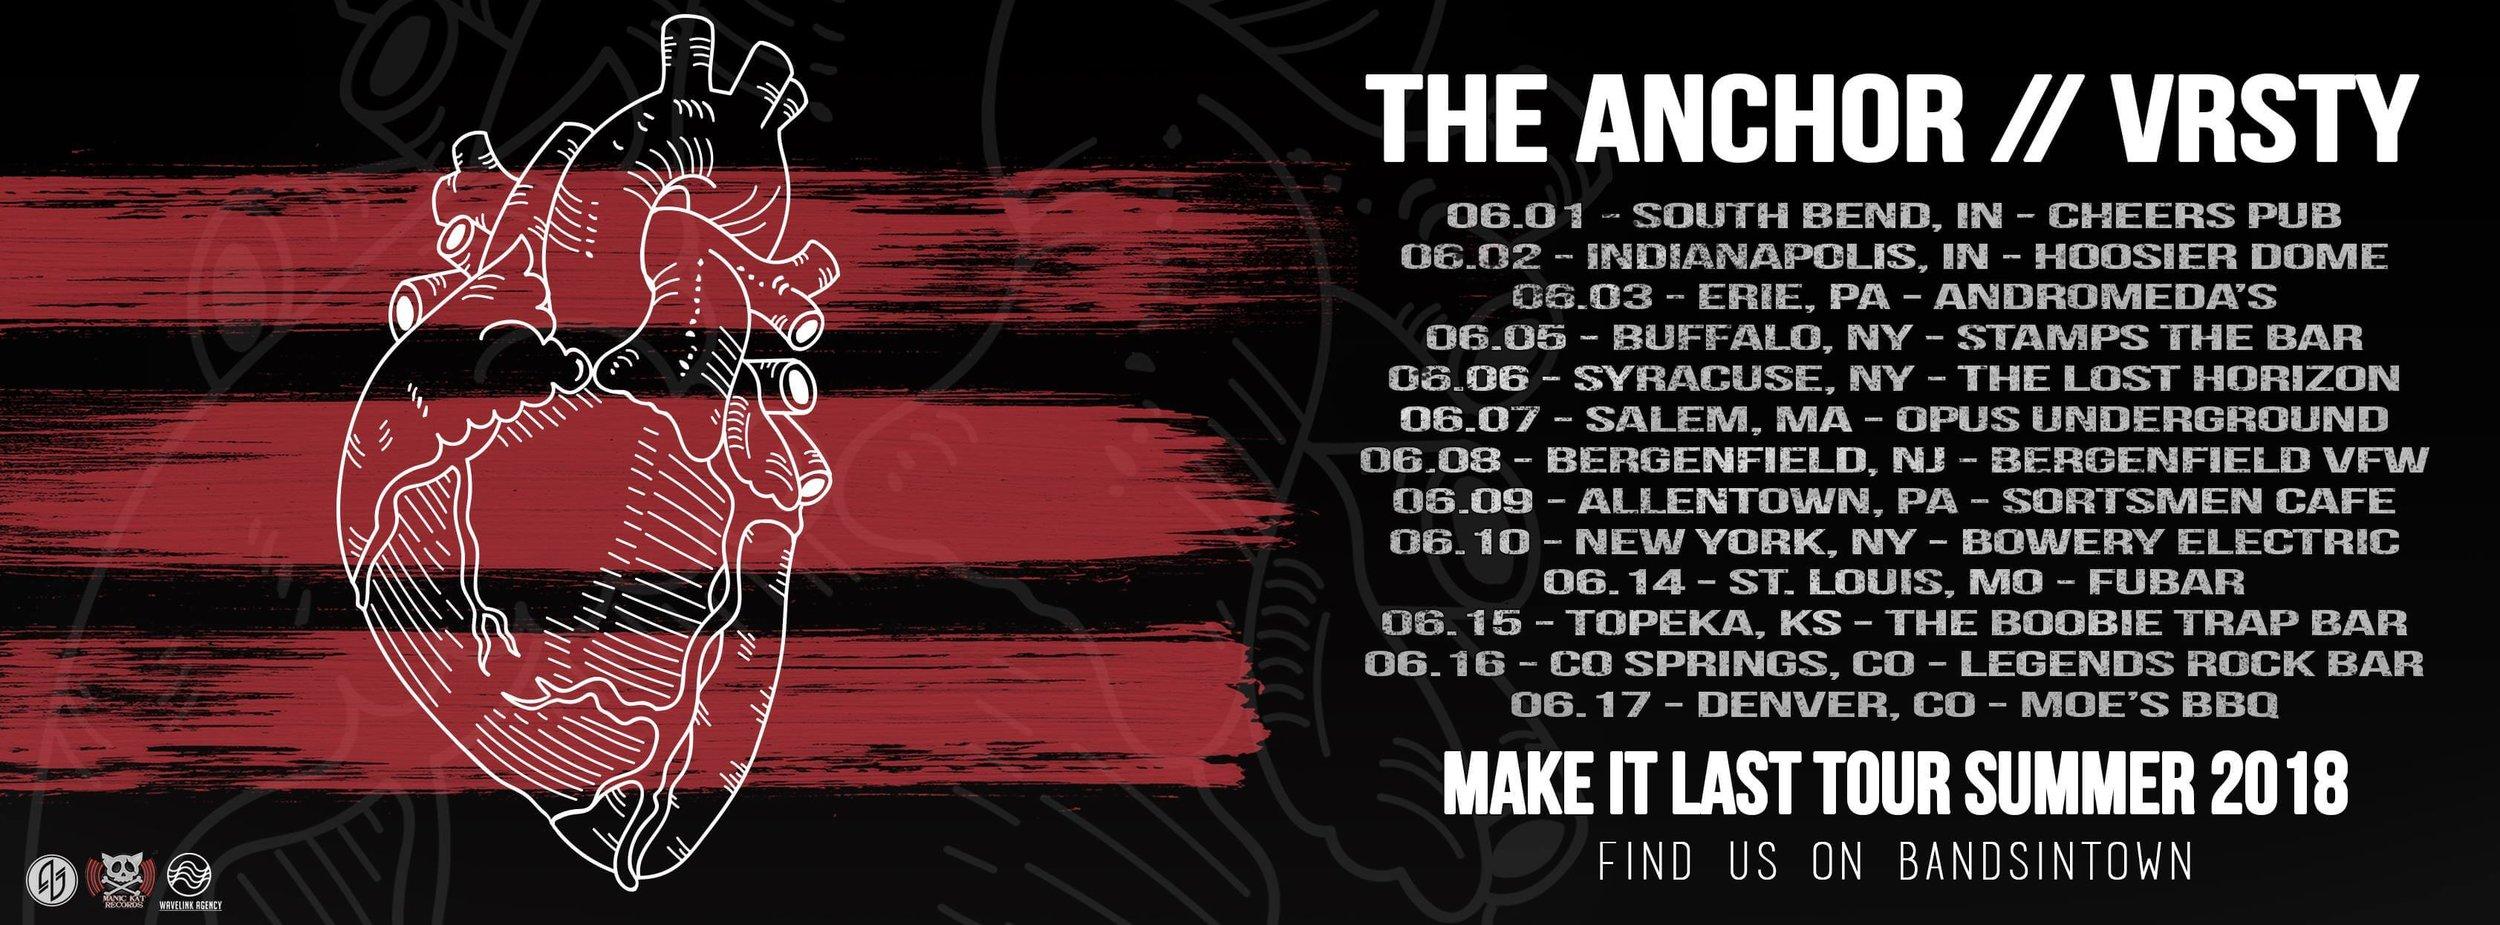 The Anchor Tour.jpg